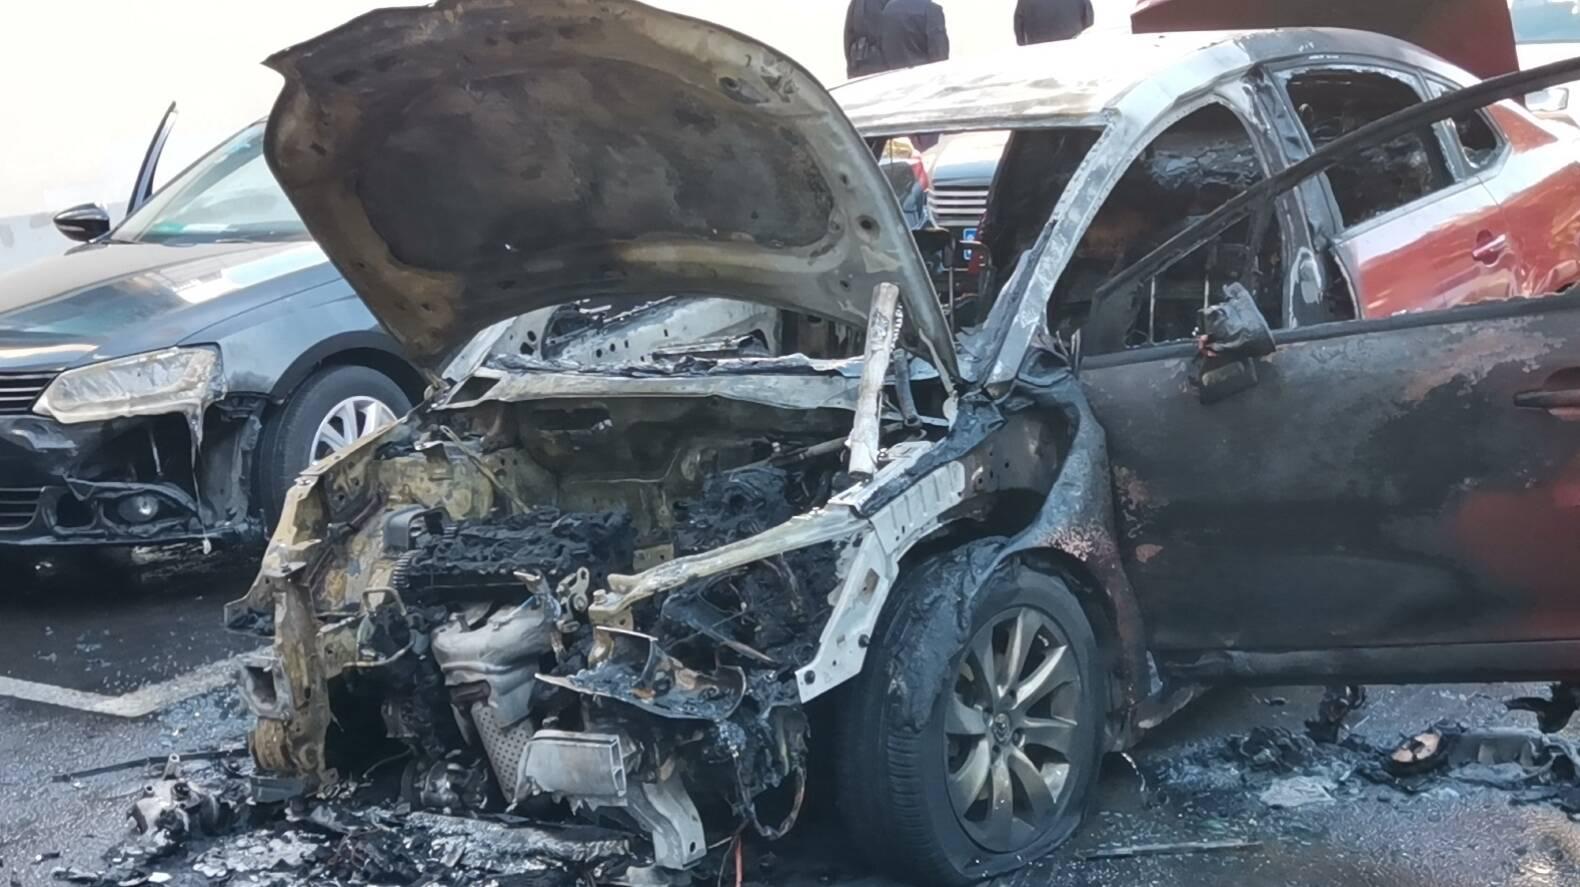 现场视频|济南一轿车自燃殃及路边两车 幸无人员伤亡